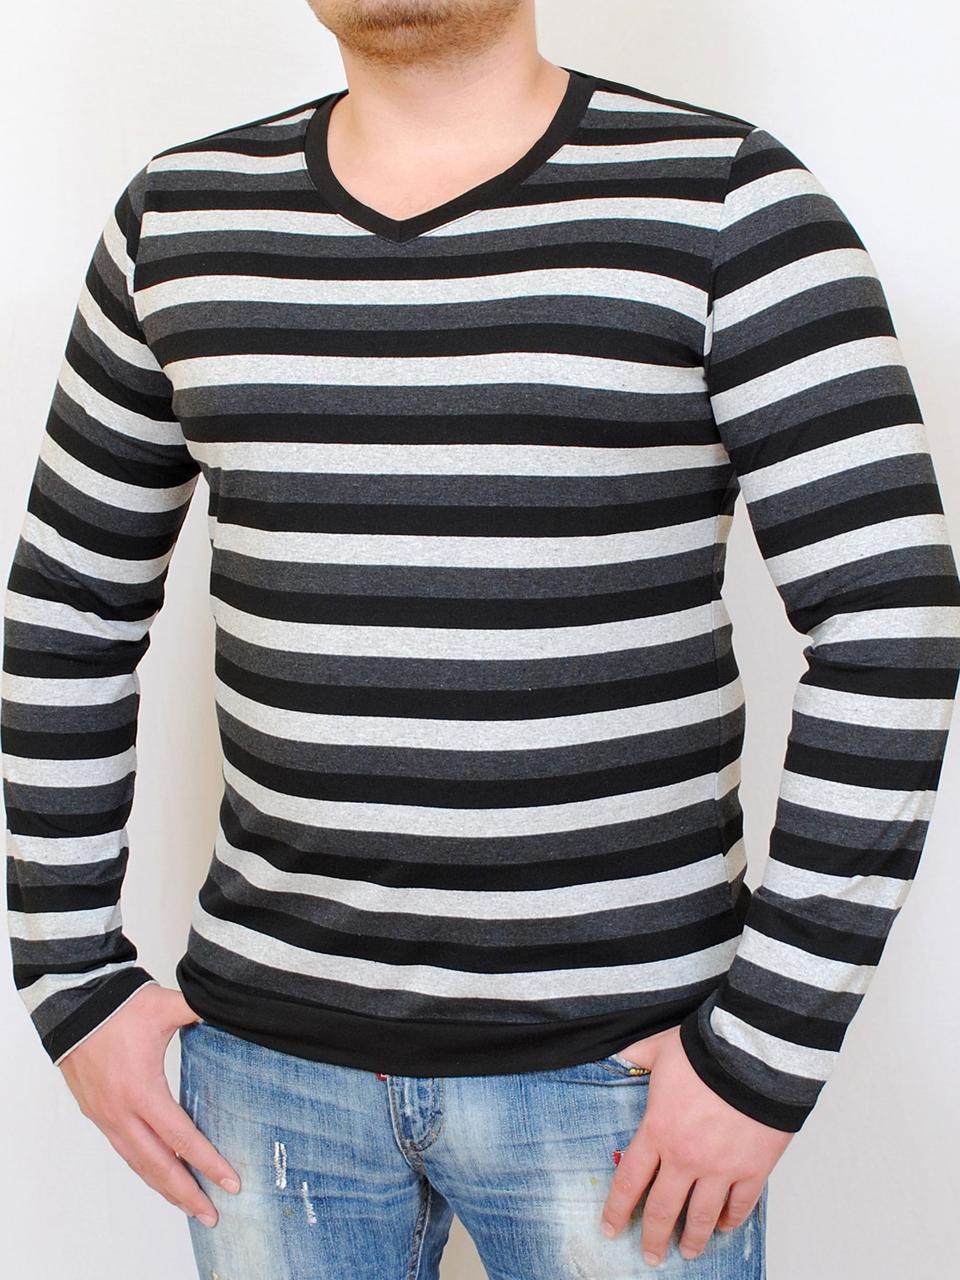 931c5d925918f grand ua COOPER футболка длинный рукав - Магазин трендовых товаров в Киеве